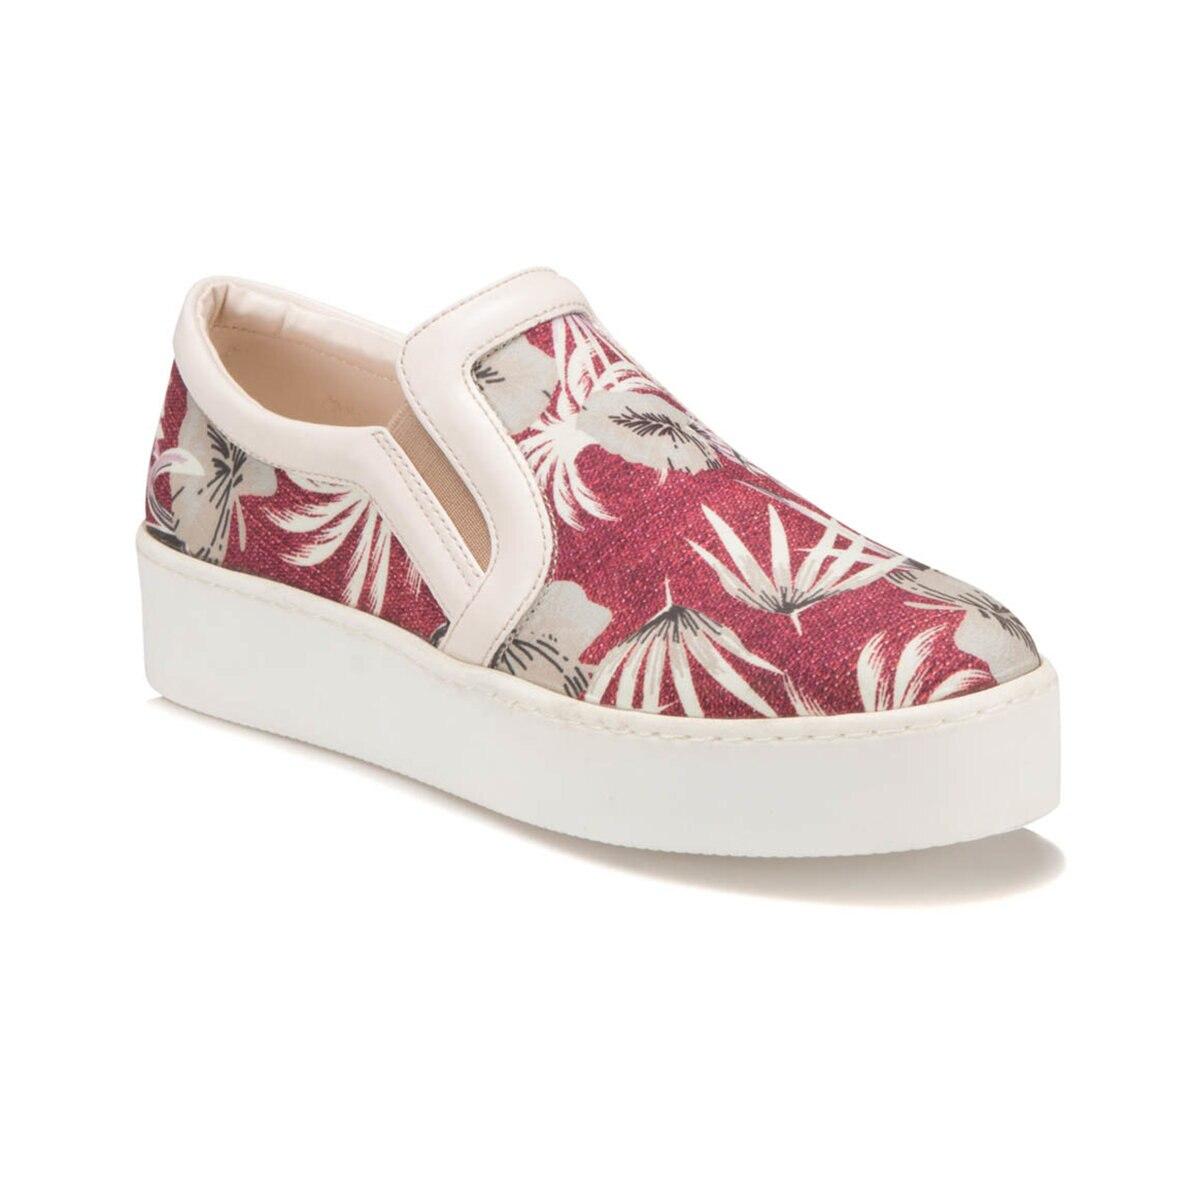 FLO S796 Burgundy Women Slip On Shoes BUTIGO